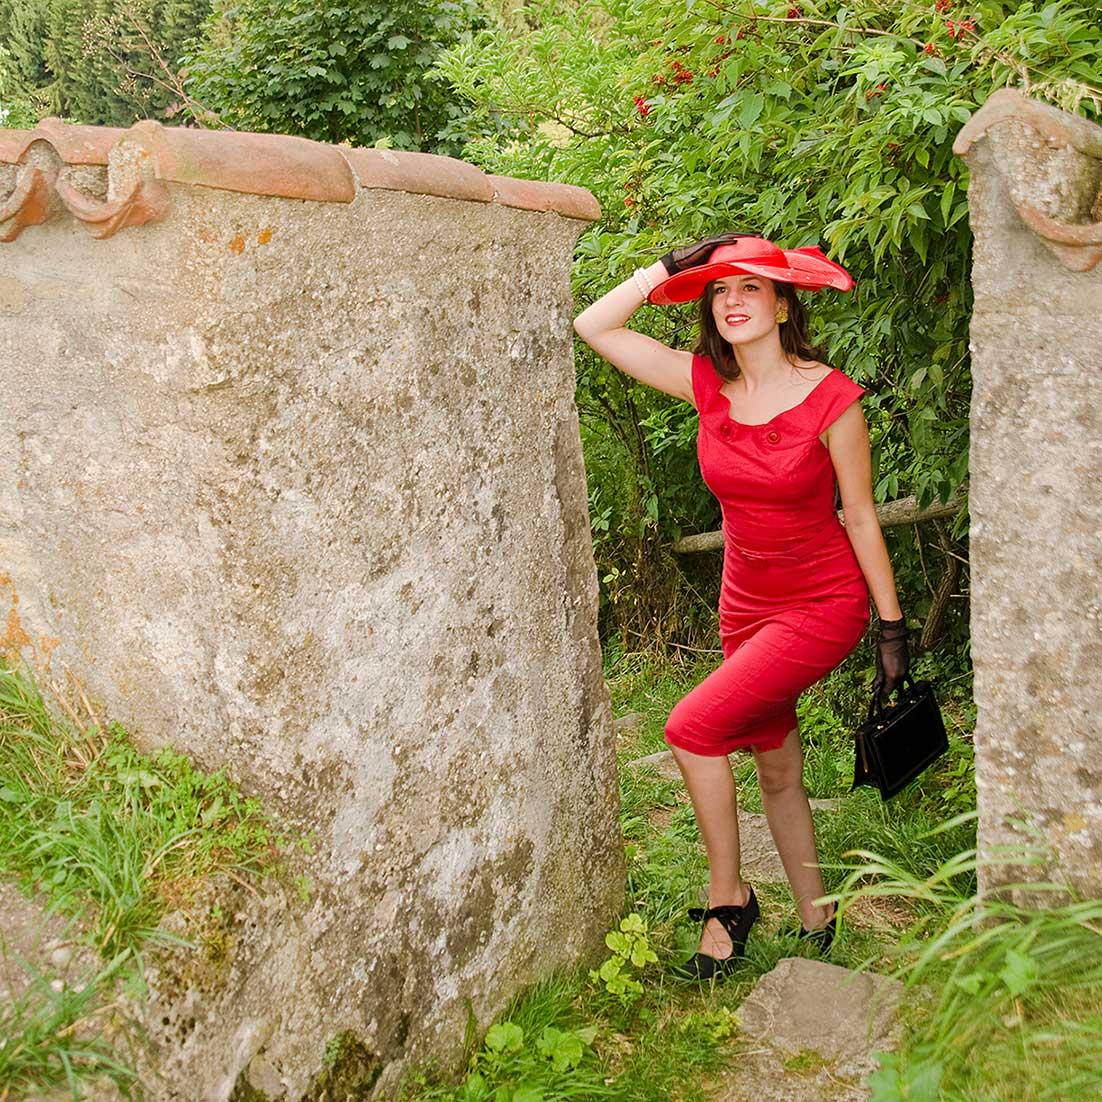 RetroCat mit rotem Kleid und Vintage-Hut